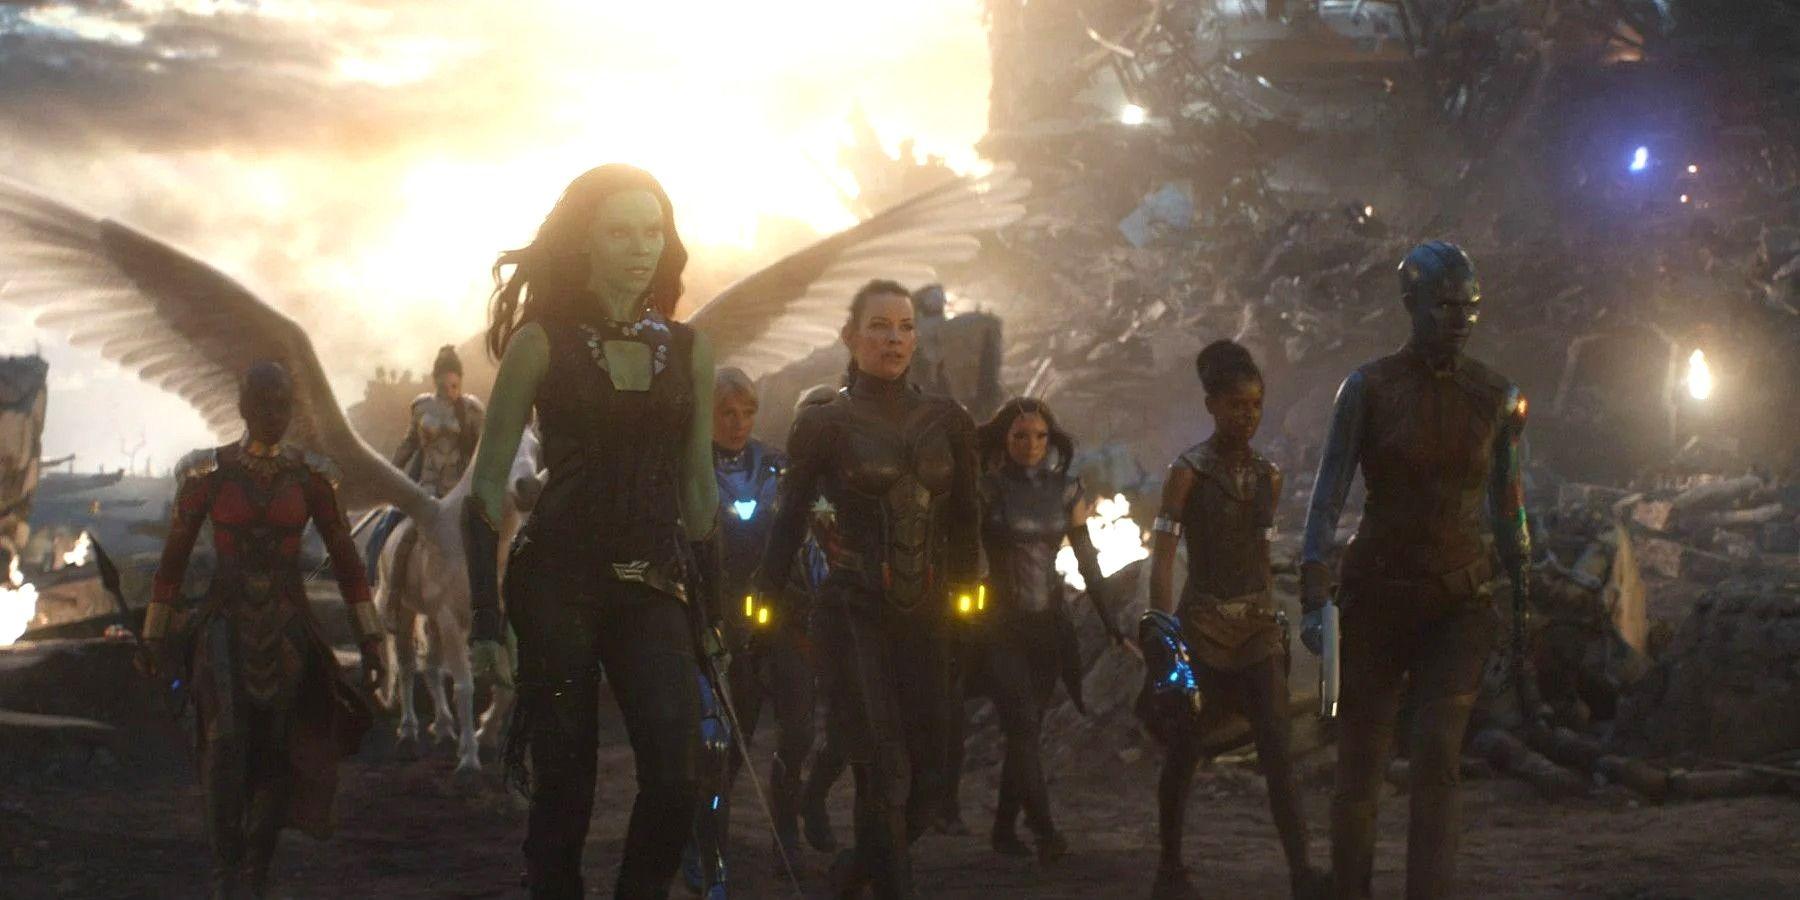 Marvel Re-Shot Avengers: Endgame's All-Female Scene Over 'Pandering' Fears